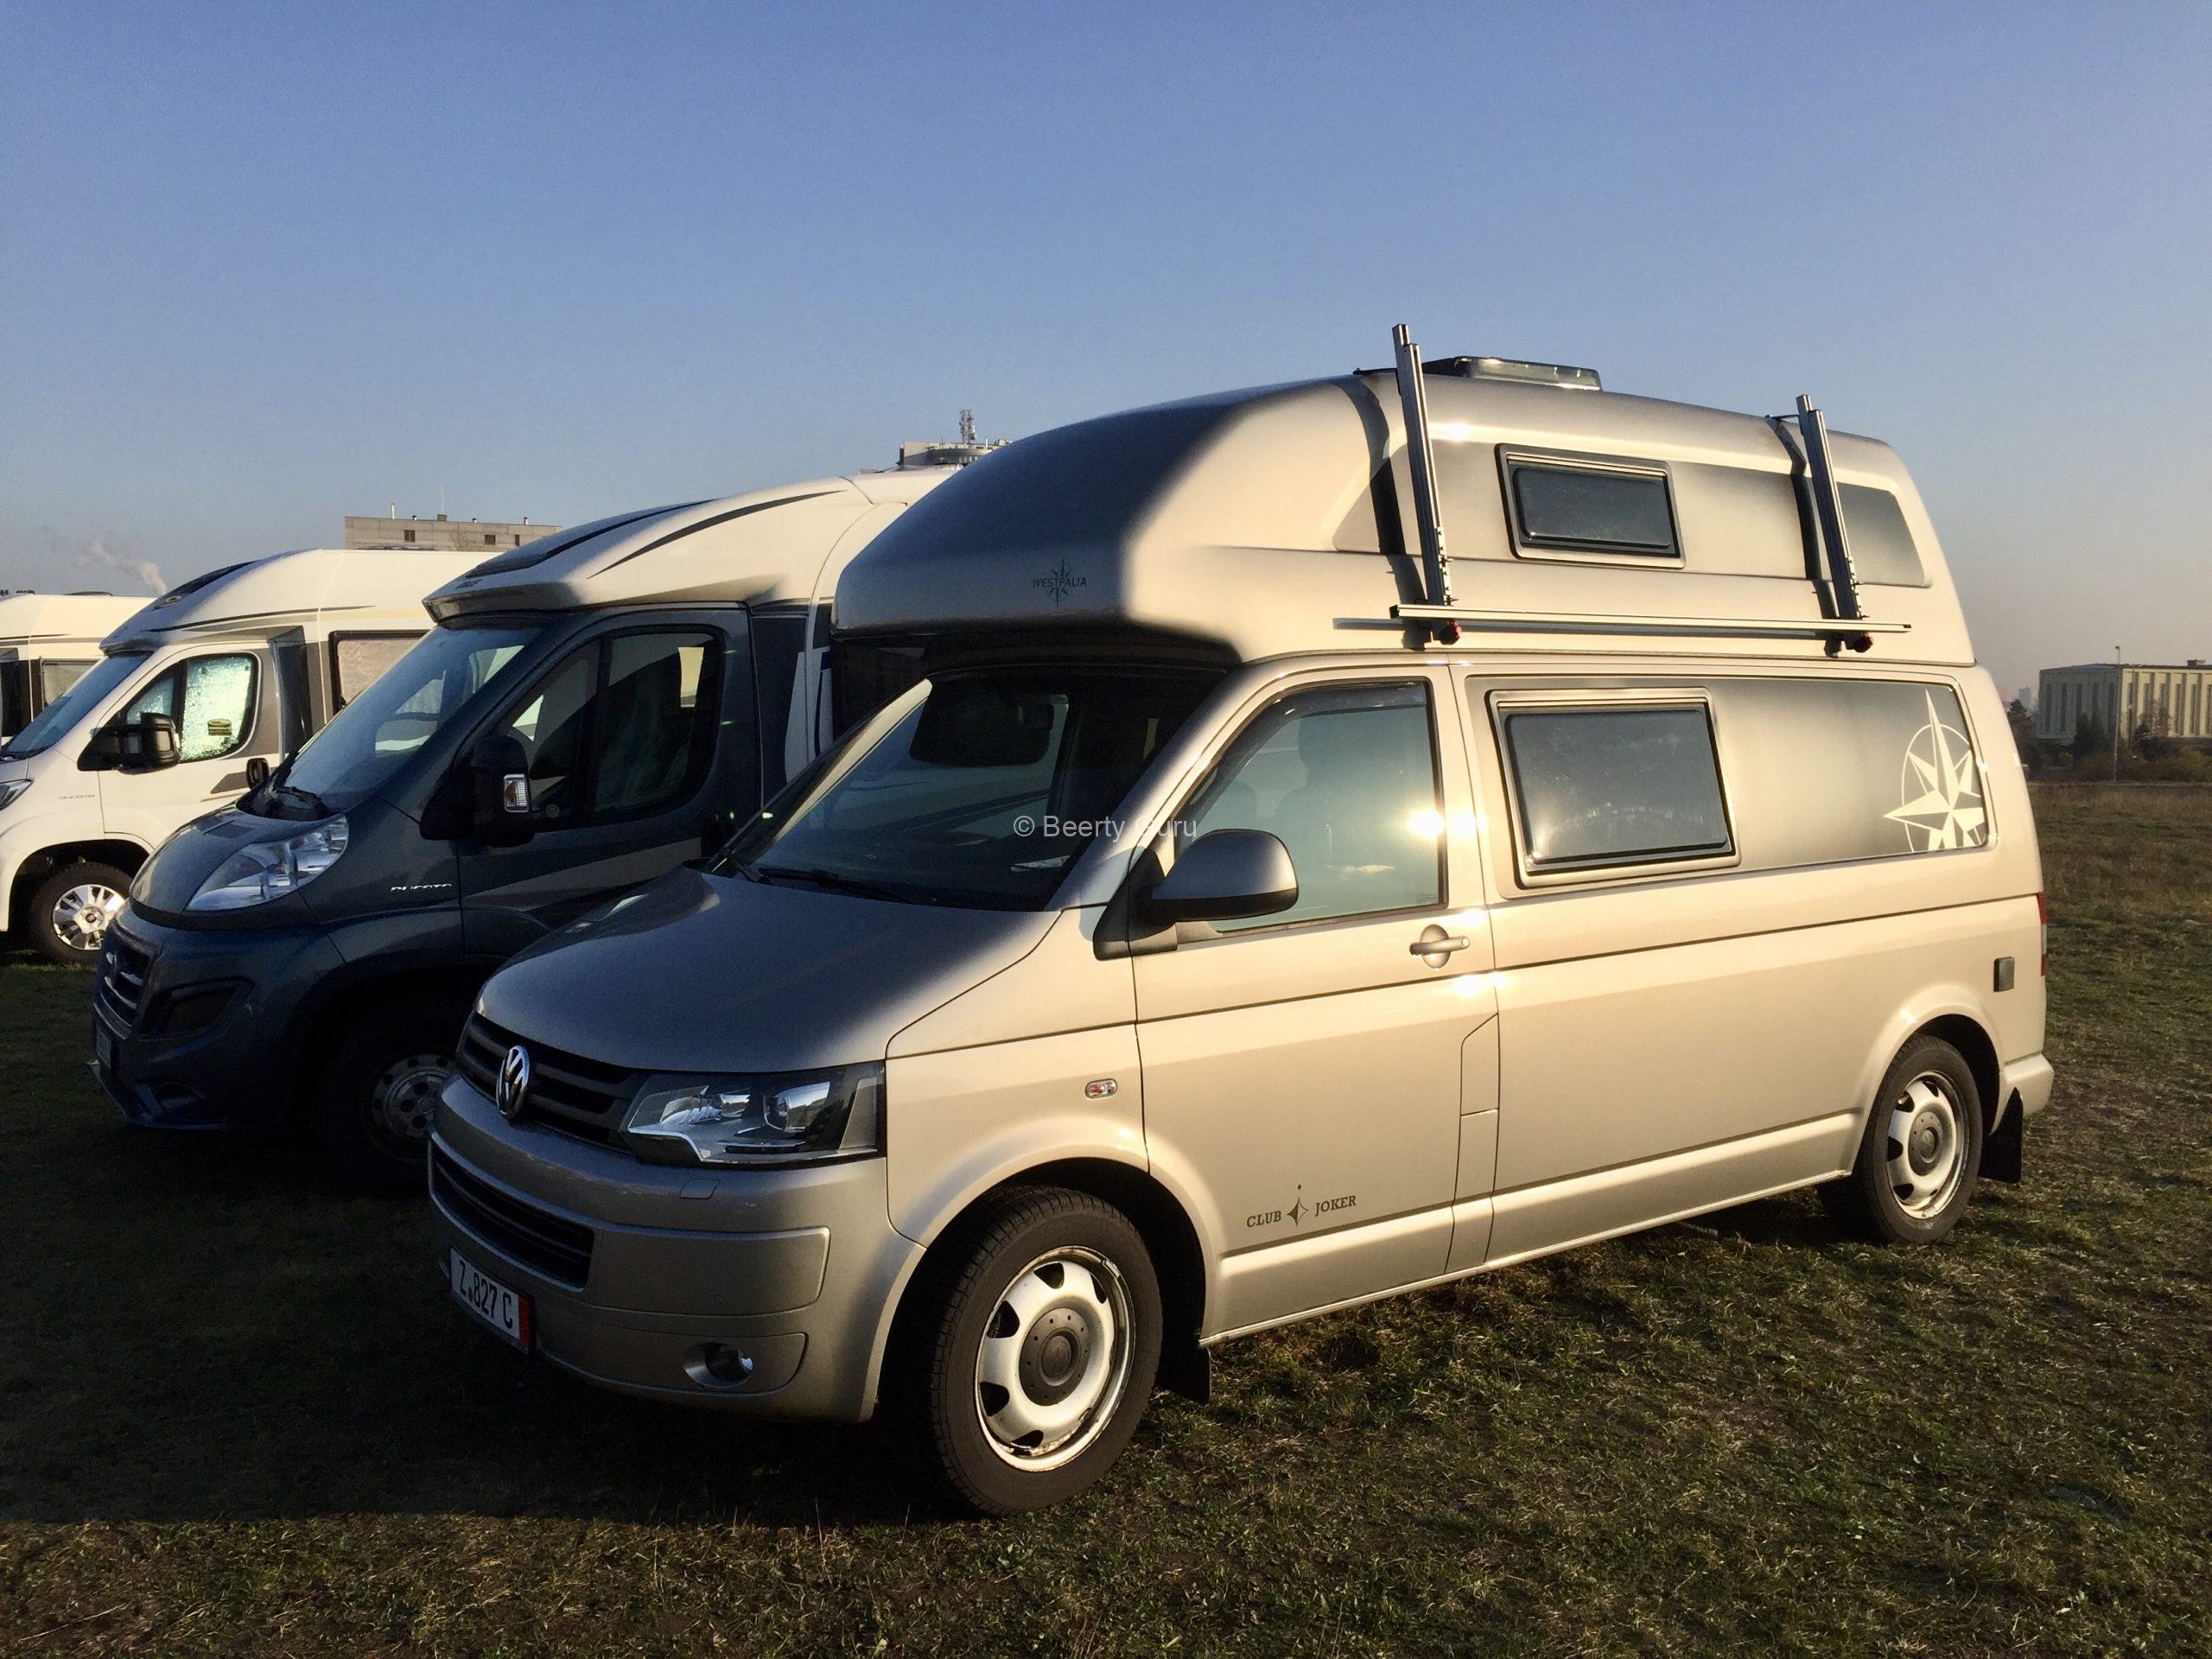 Individuálny dovoz karavanu alebo dodávky z EÚ a prihlásenie